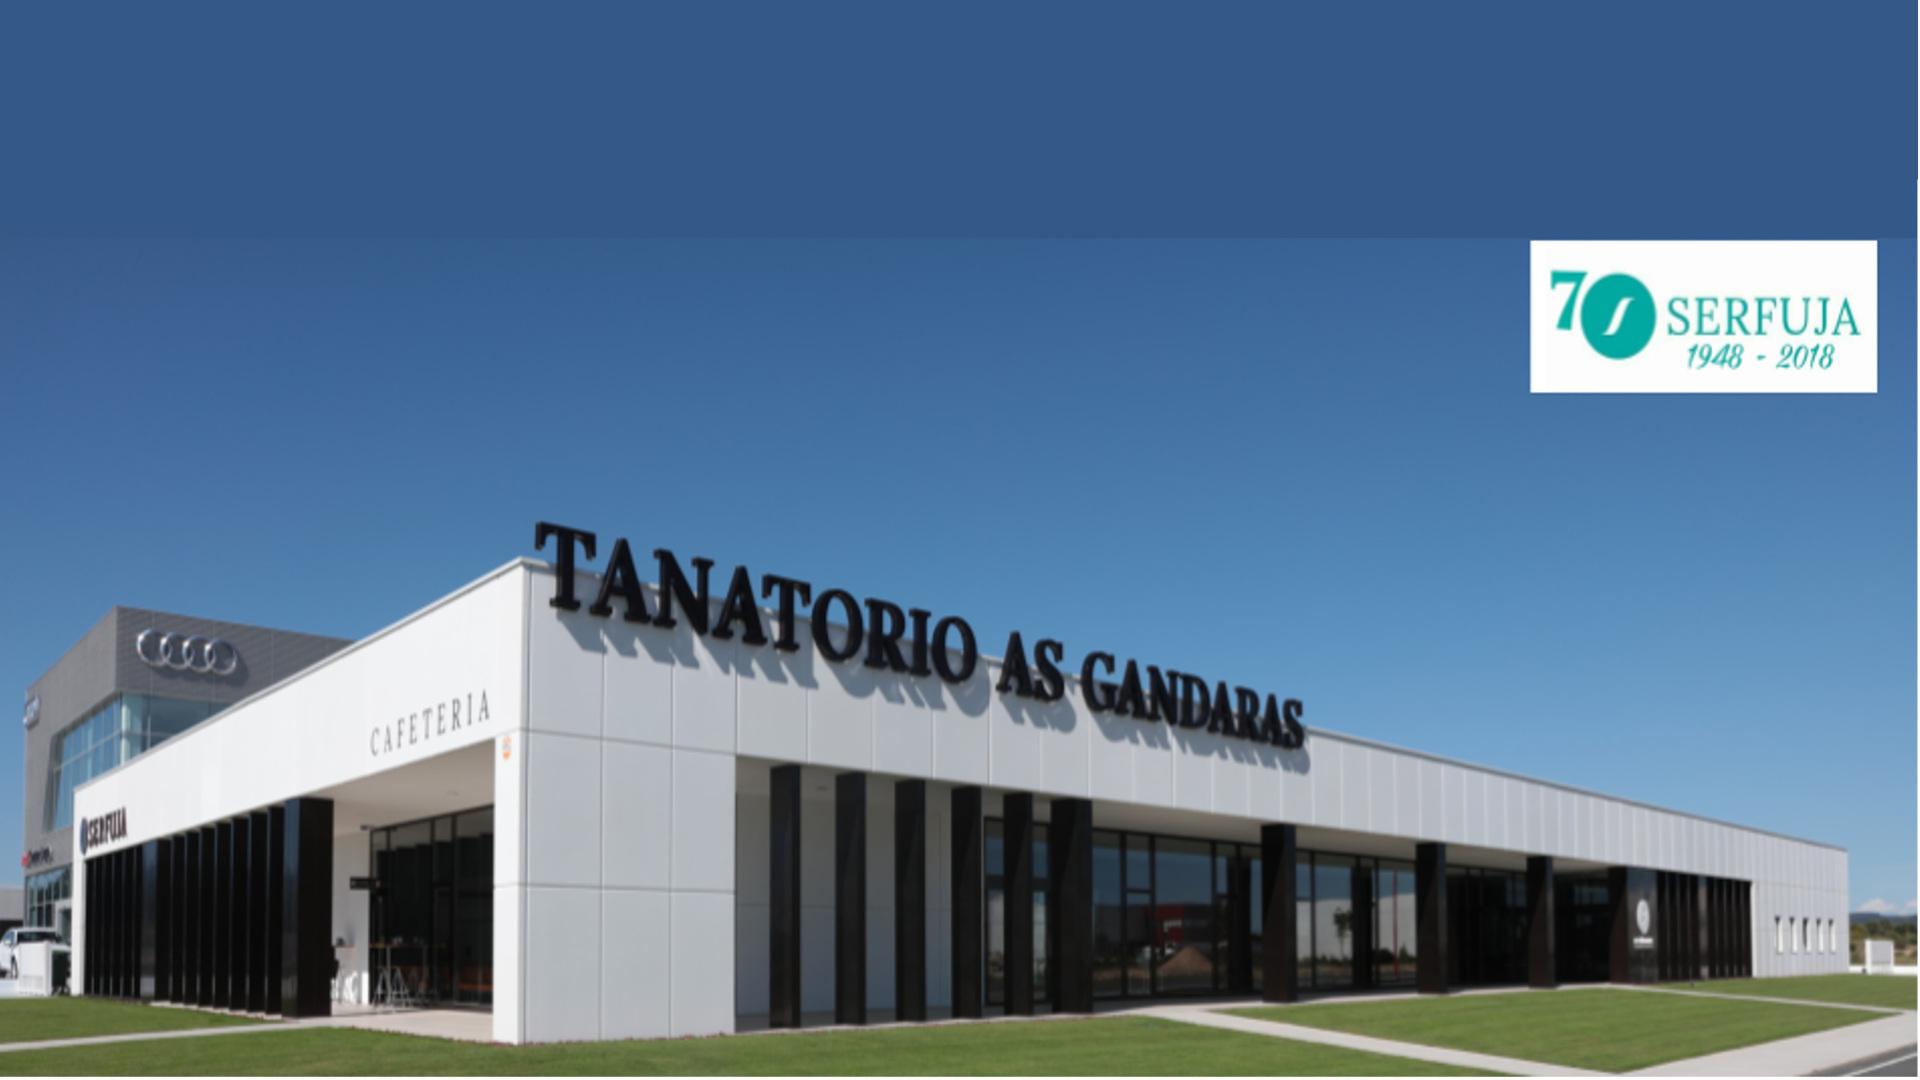 Con la conferencia del forense Alberto Fernández se cerrará el programa de actividades del 70 aniversario de la empresa SERFUJA 1920